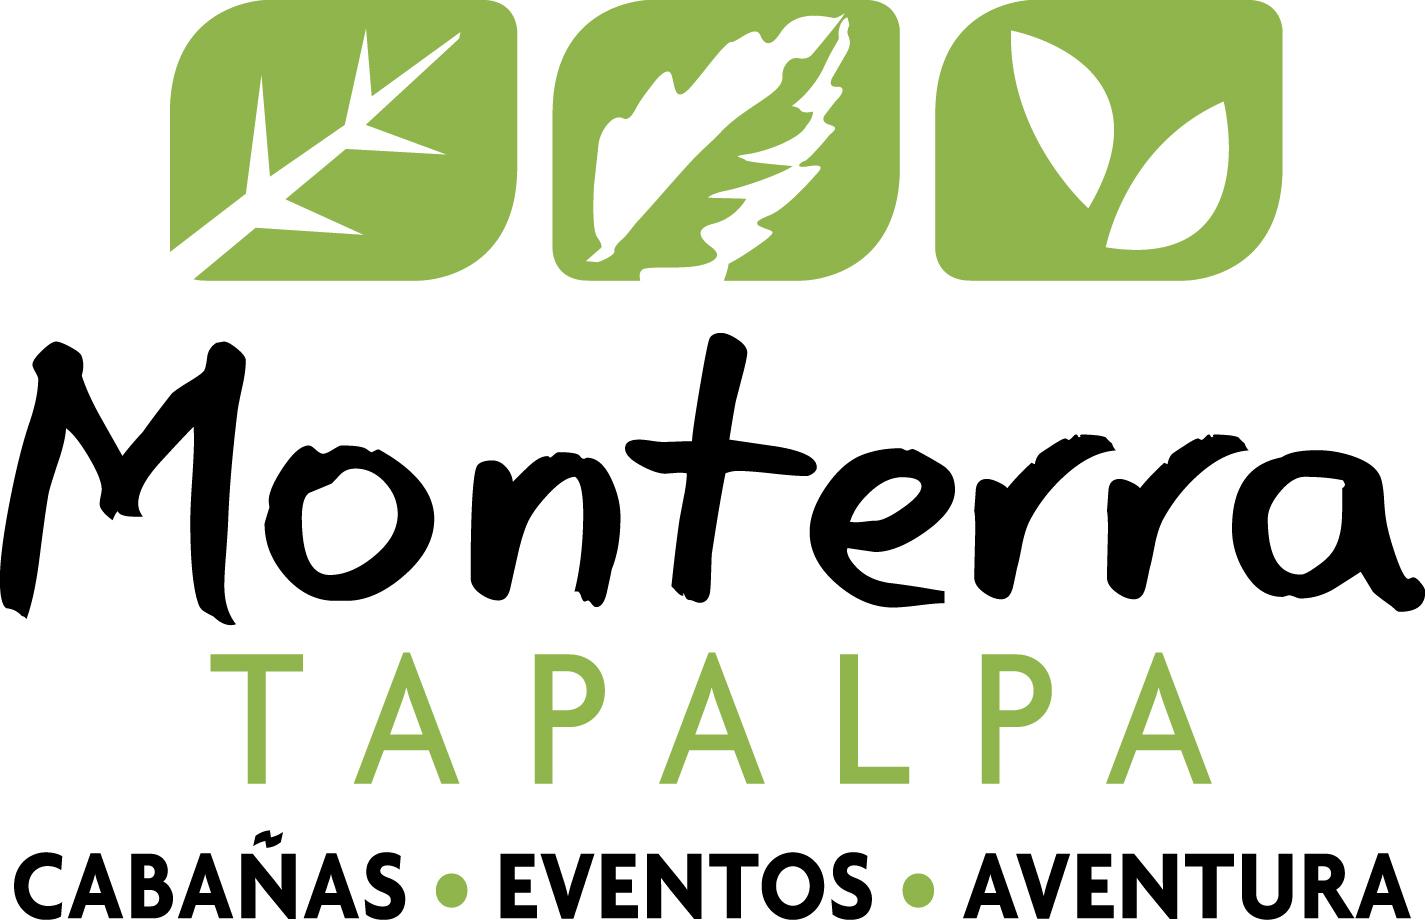 MONTERRA Las mejores cabanas en Tapalpa